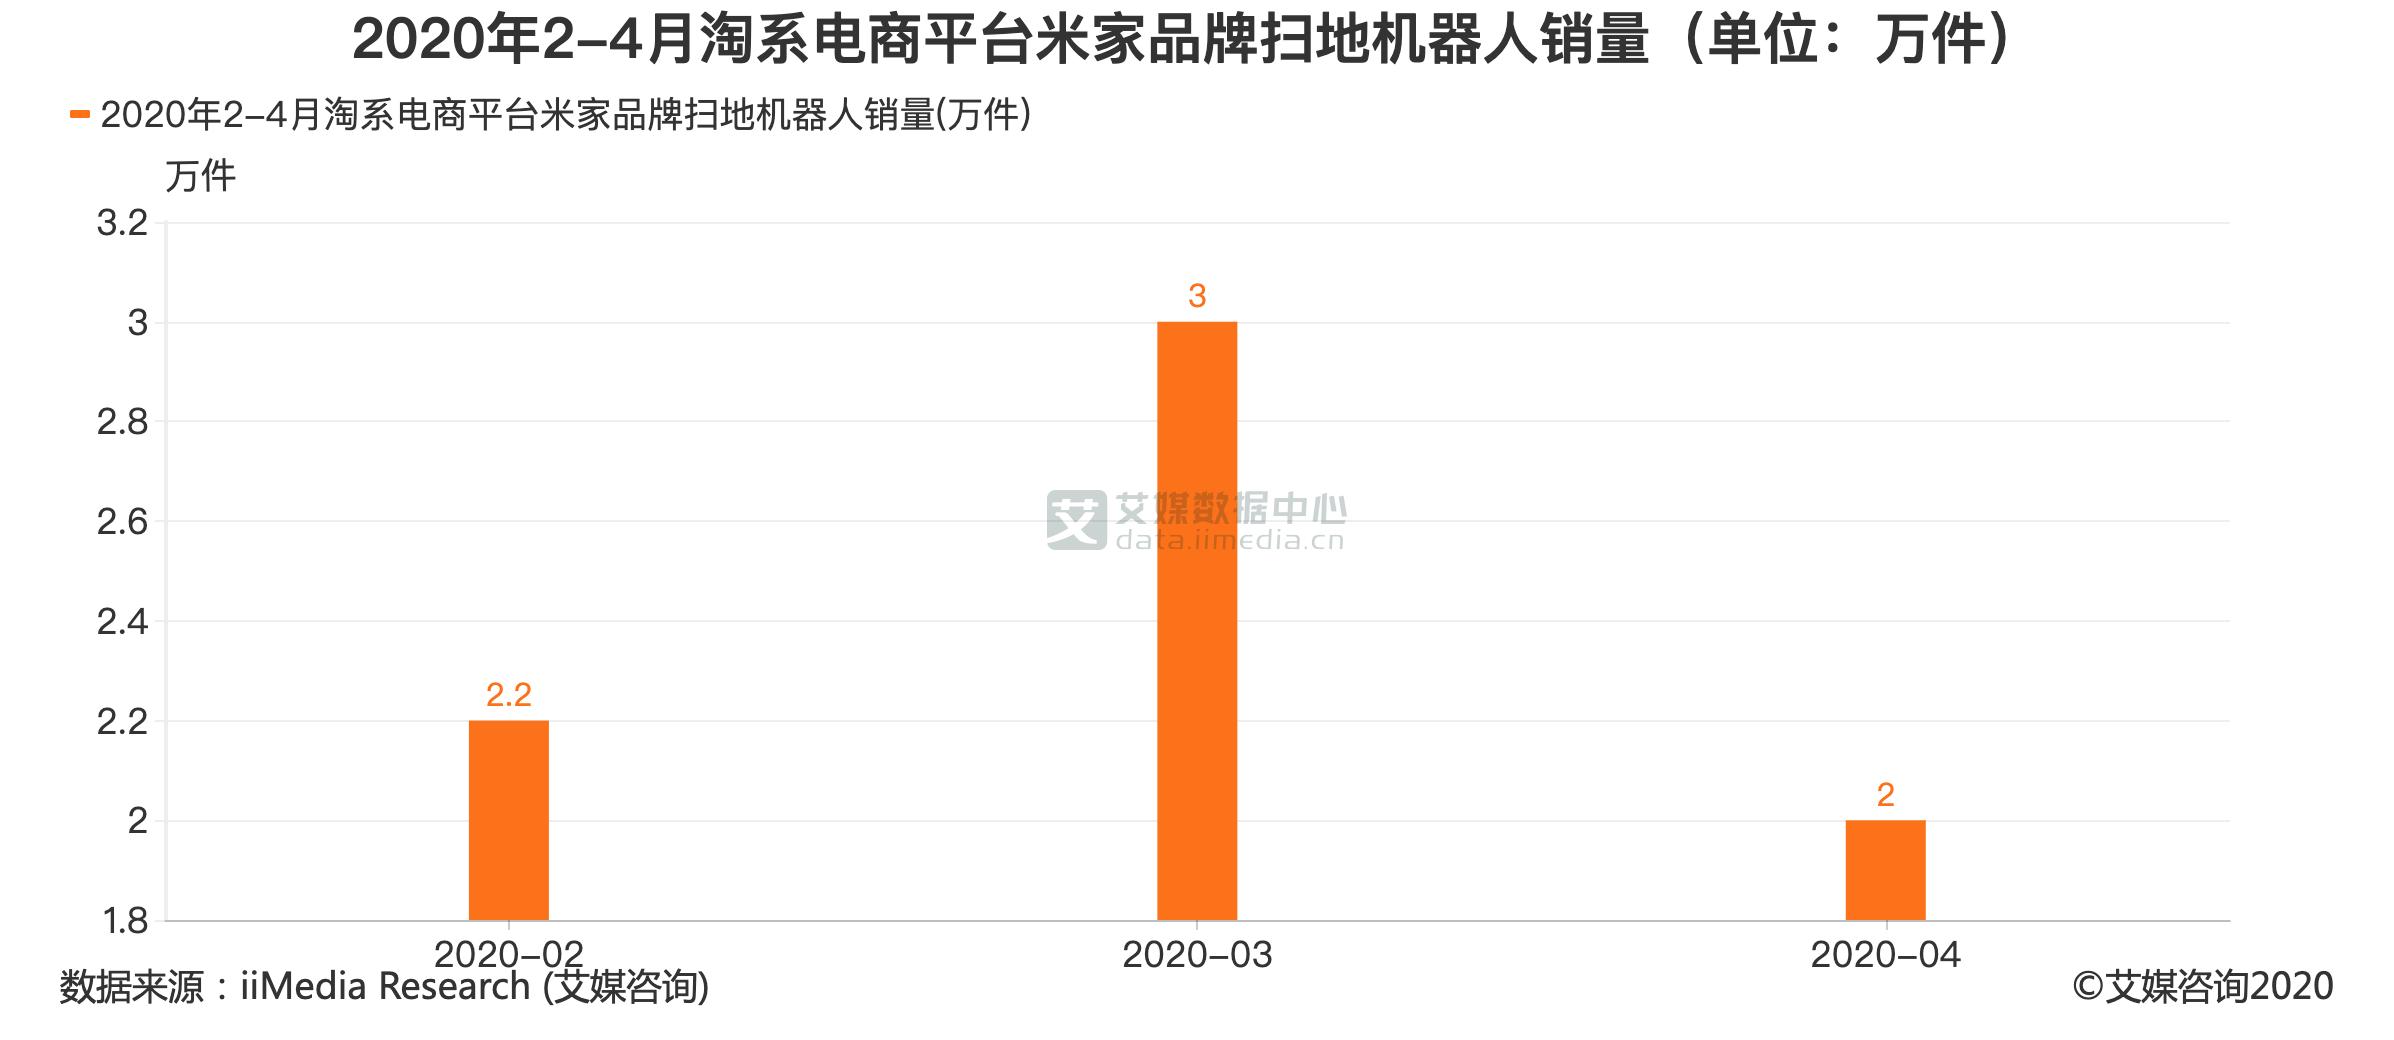 2020年2-4月淘系电商平台米家品牌扫地机器人销量(单位:万件)